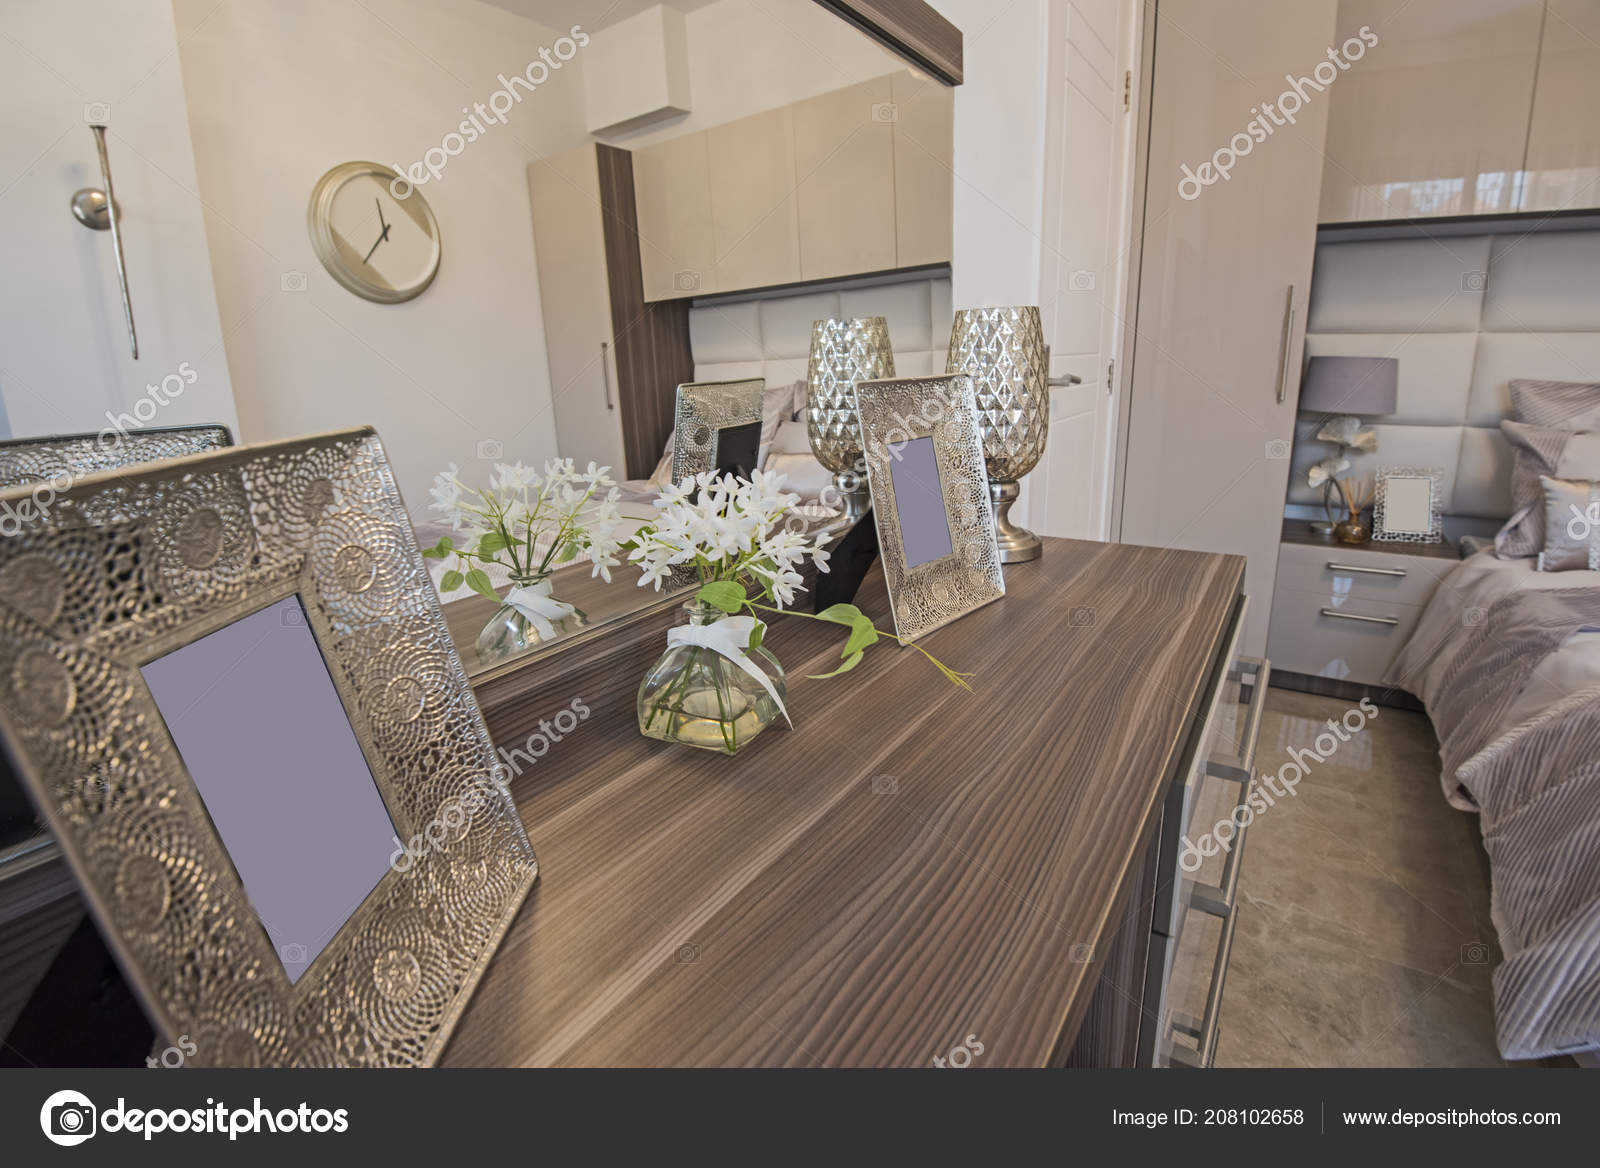 Ameublement décoration design dintérieur de luxe voir la maison chambre avec coiffeuse et un lit double image de